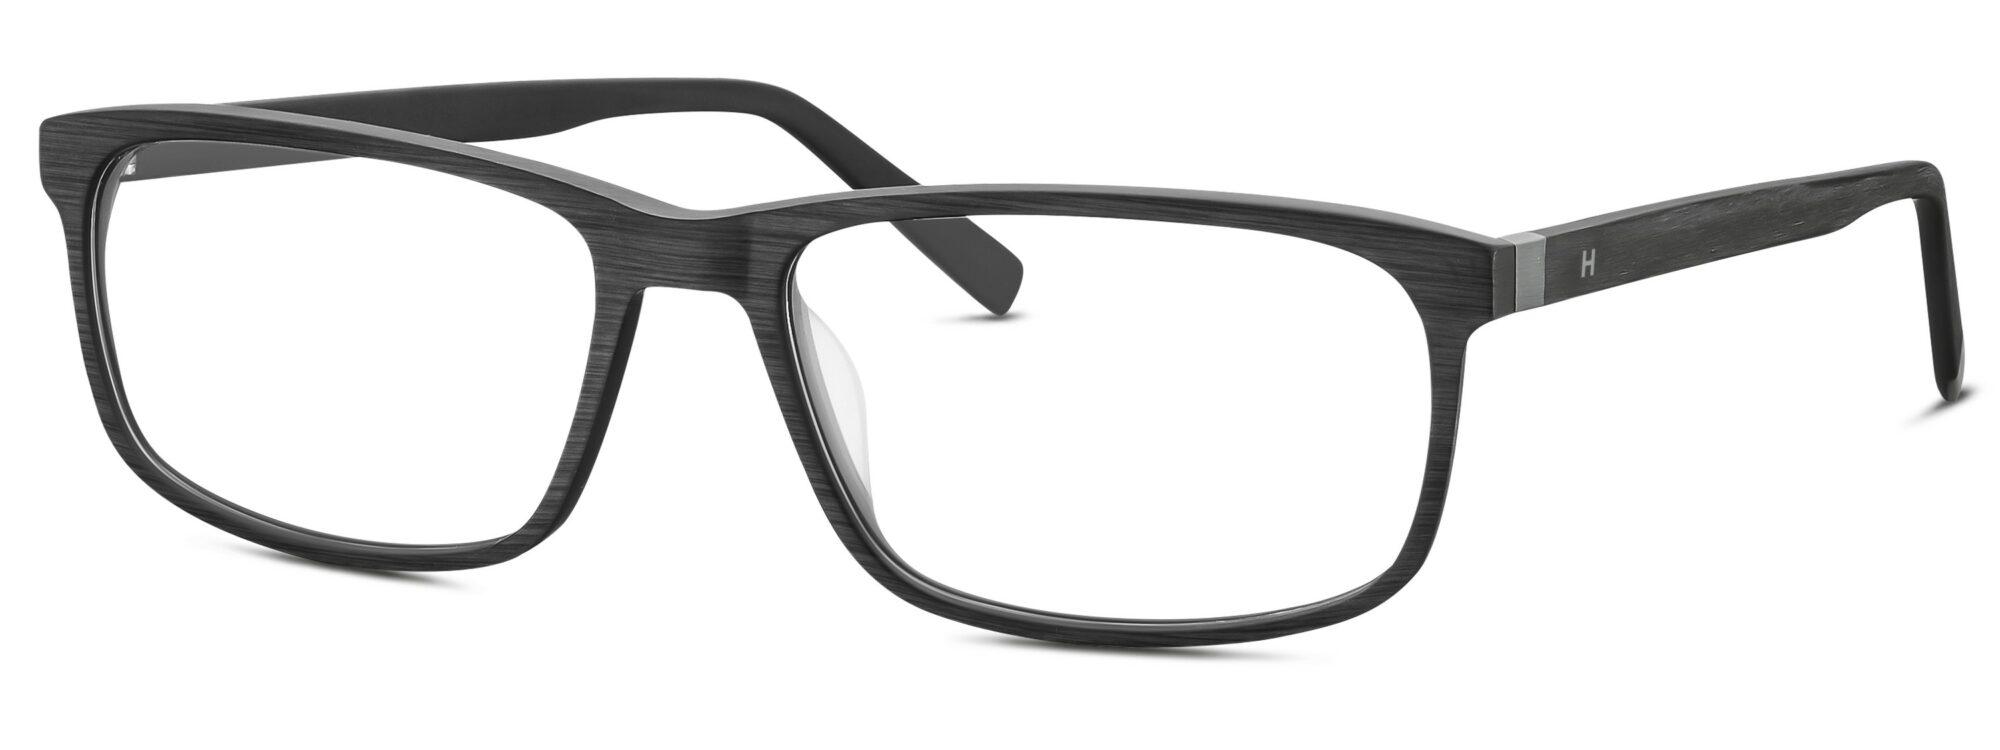 be1b72646e model 583091 – HUMPHREY´S eyewear